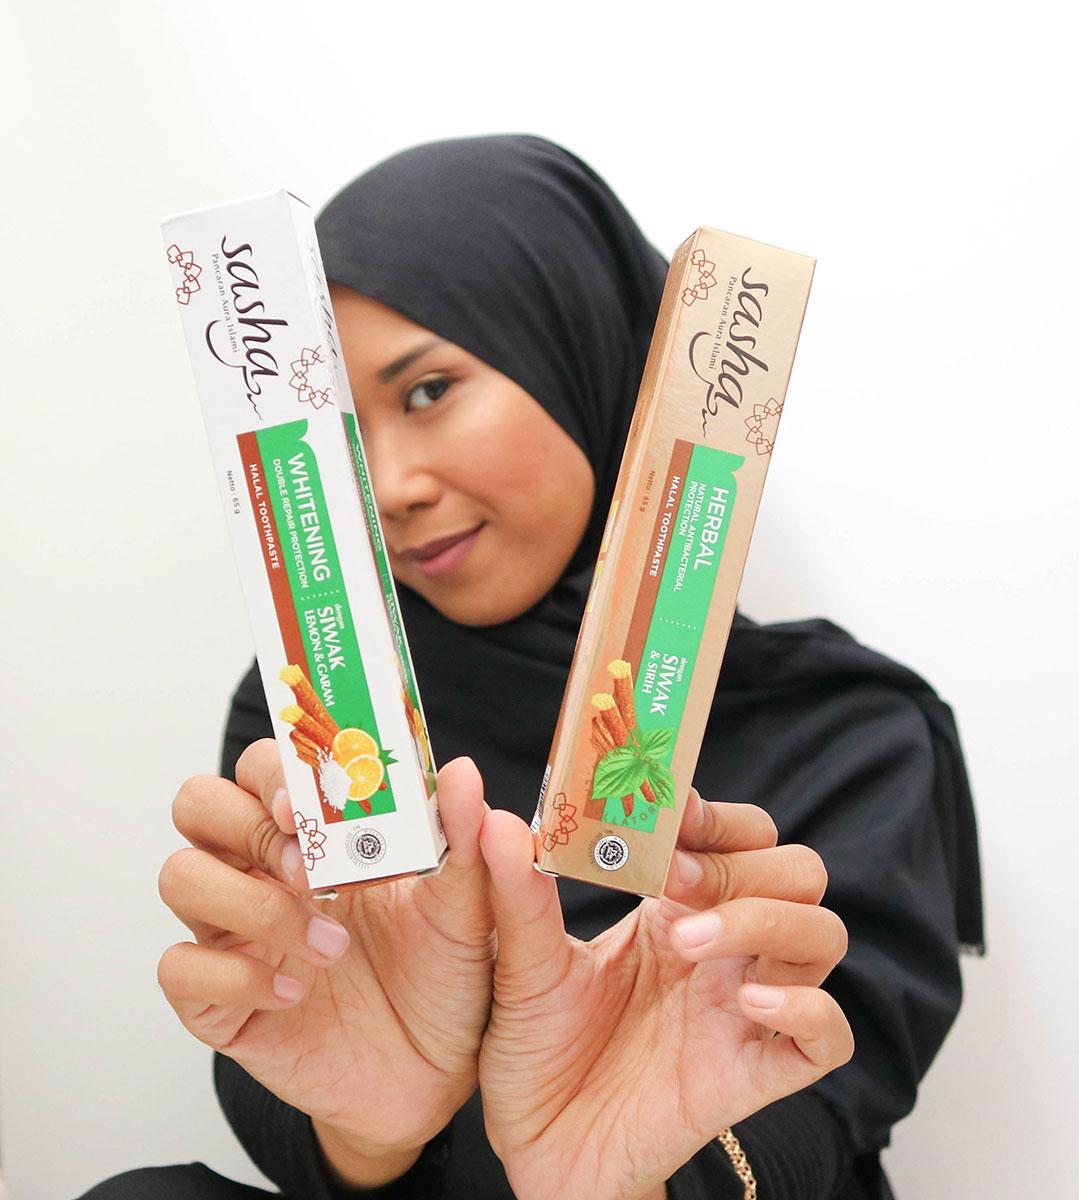 Waktunya Hijrah Bersama Sasha Inovasi Pasta Gigi Halal Dengan Serpihan Siwak Asli